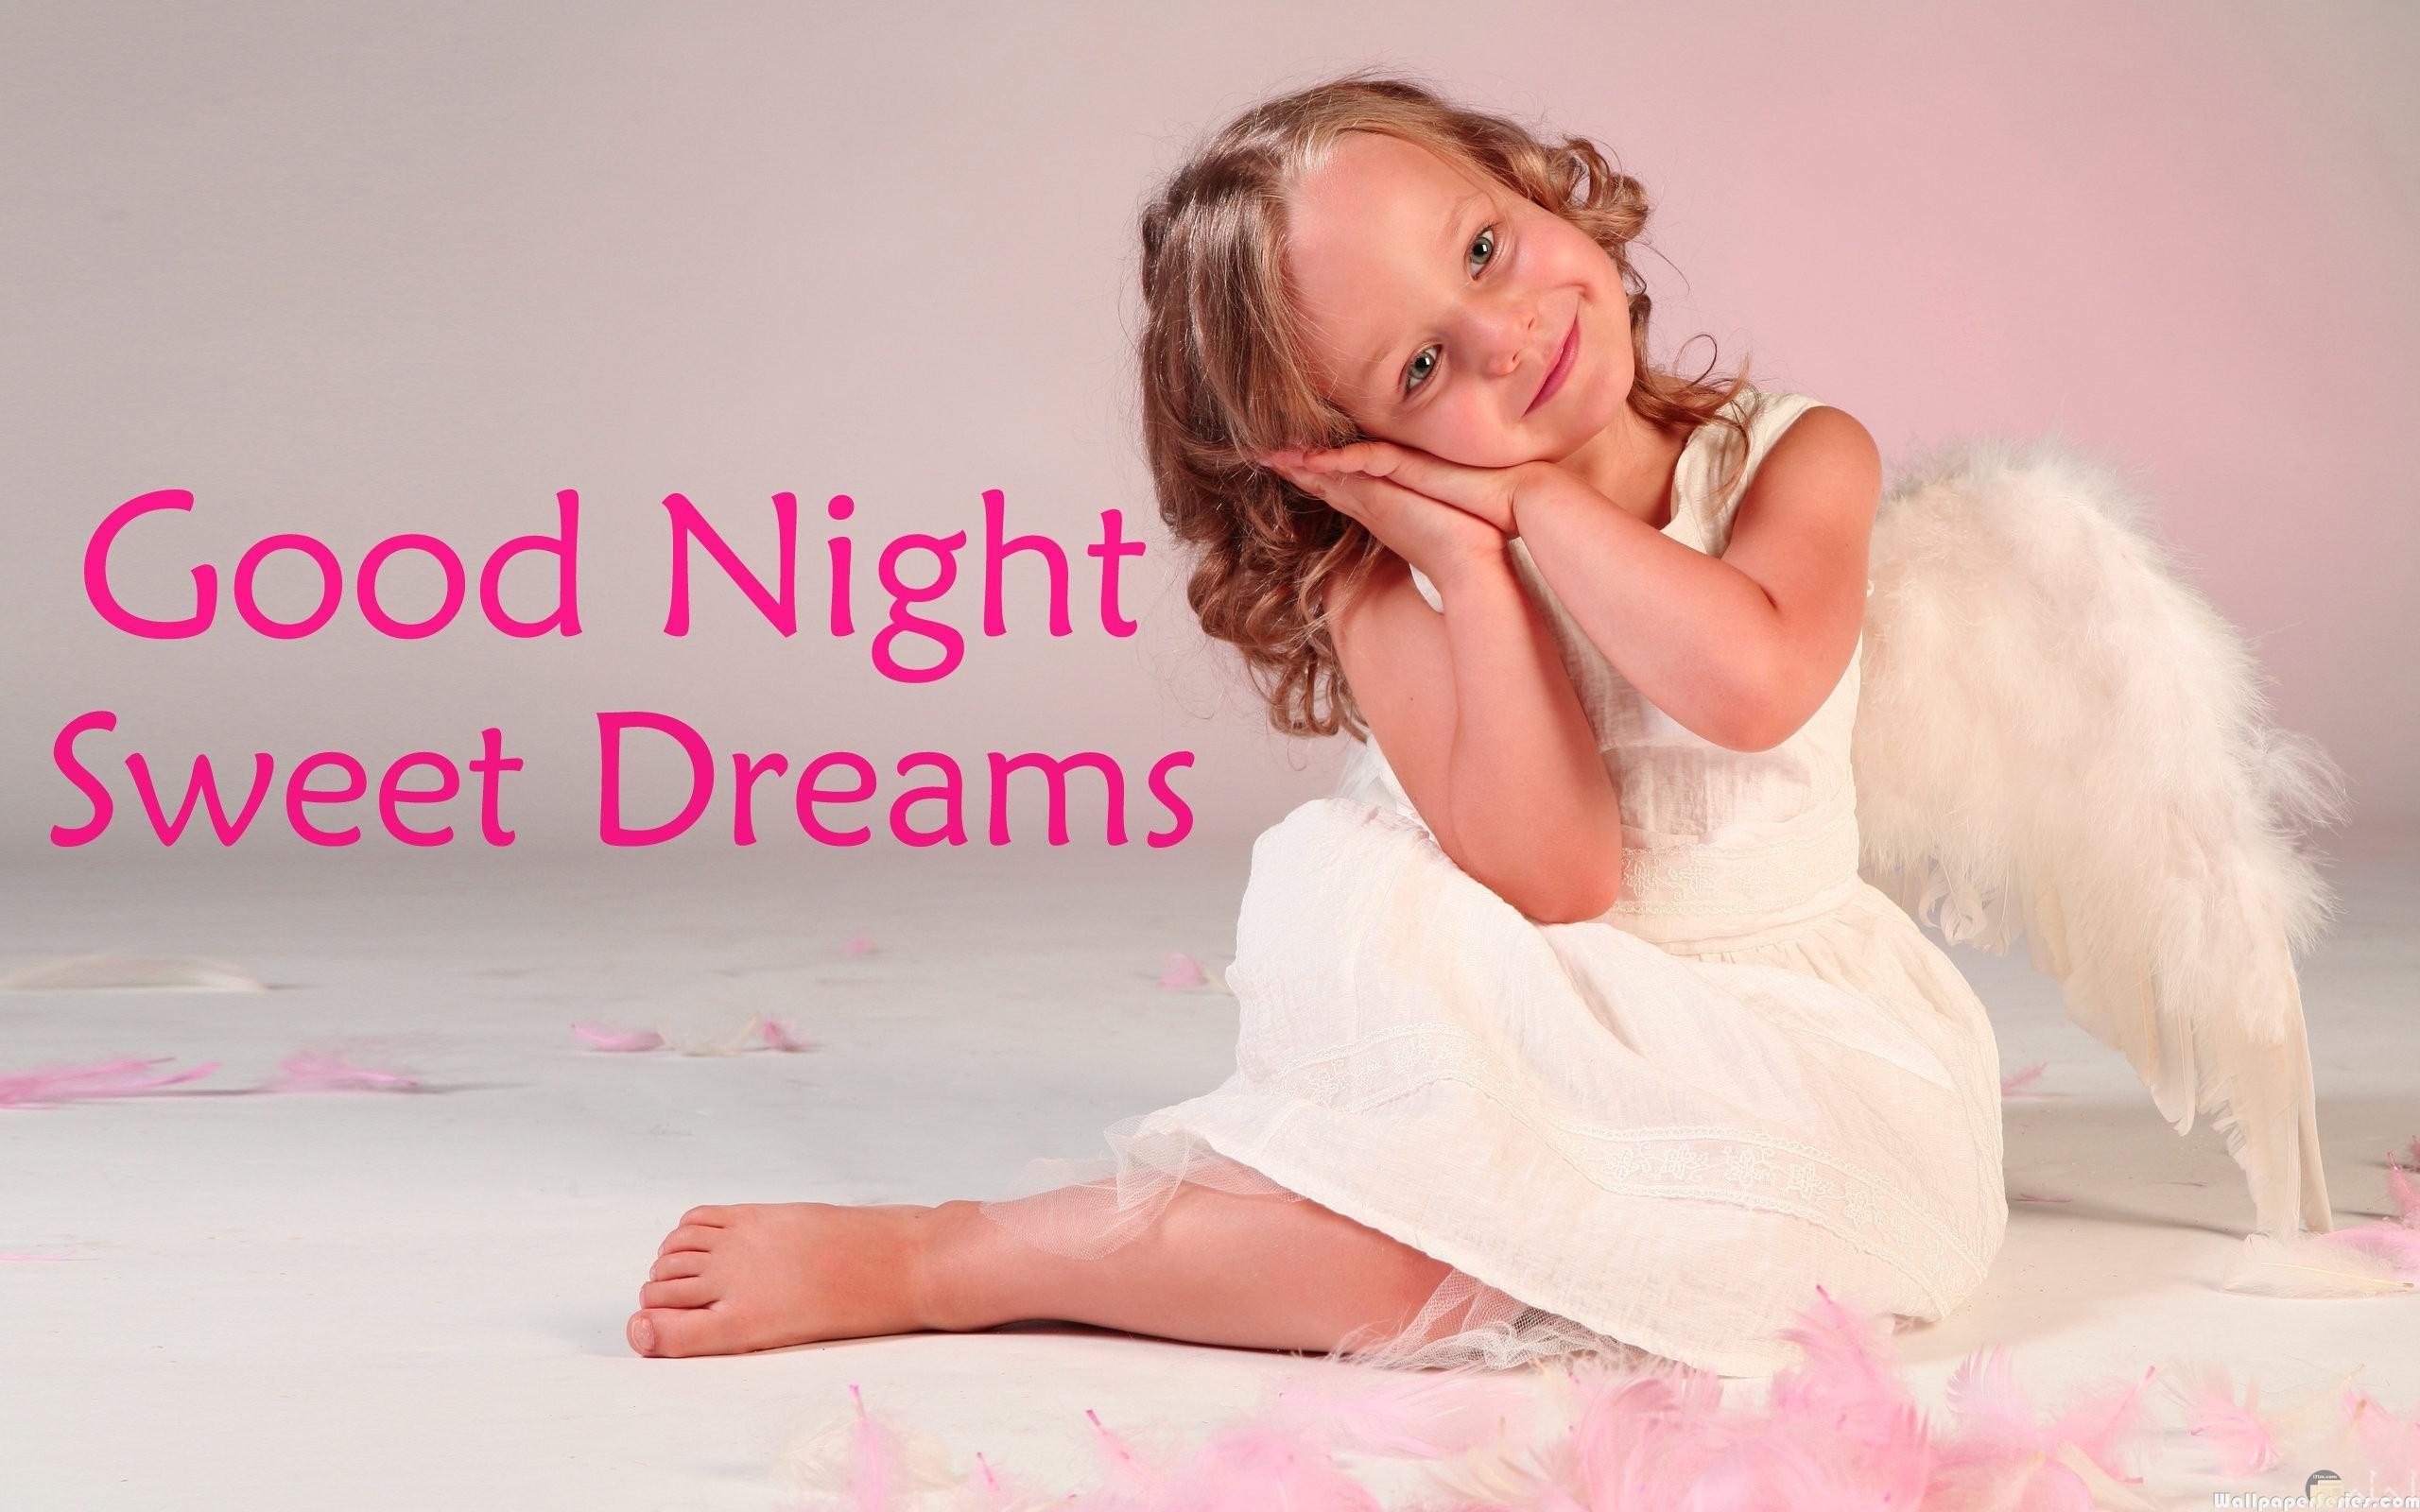 تصبحوا على خير أحبائي _ باللغة الإنجليزية.